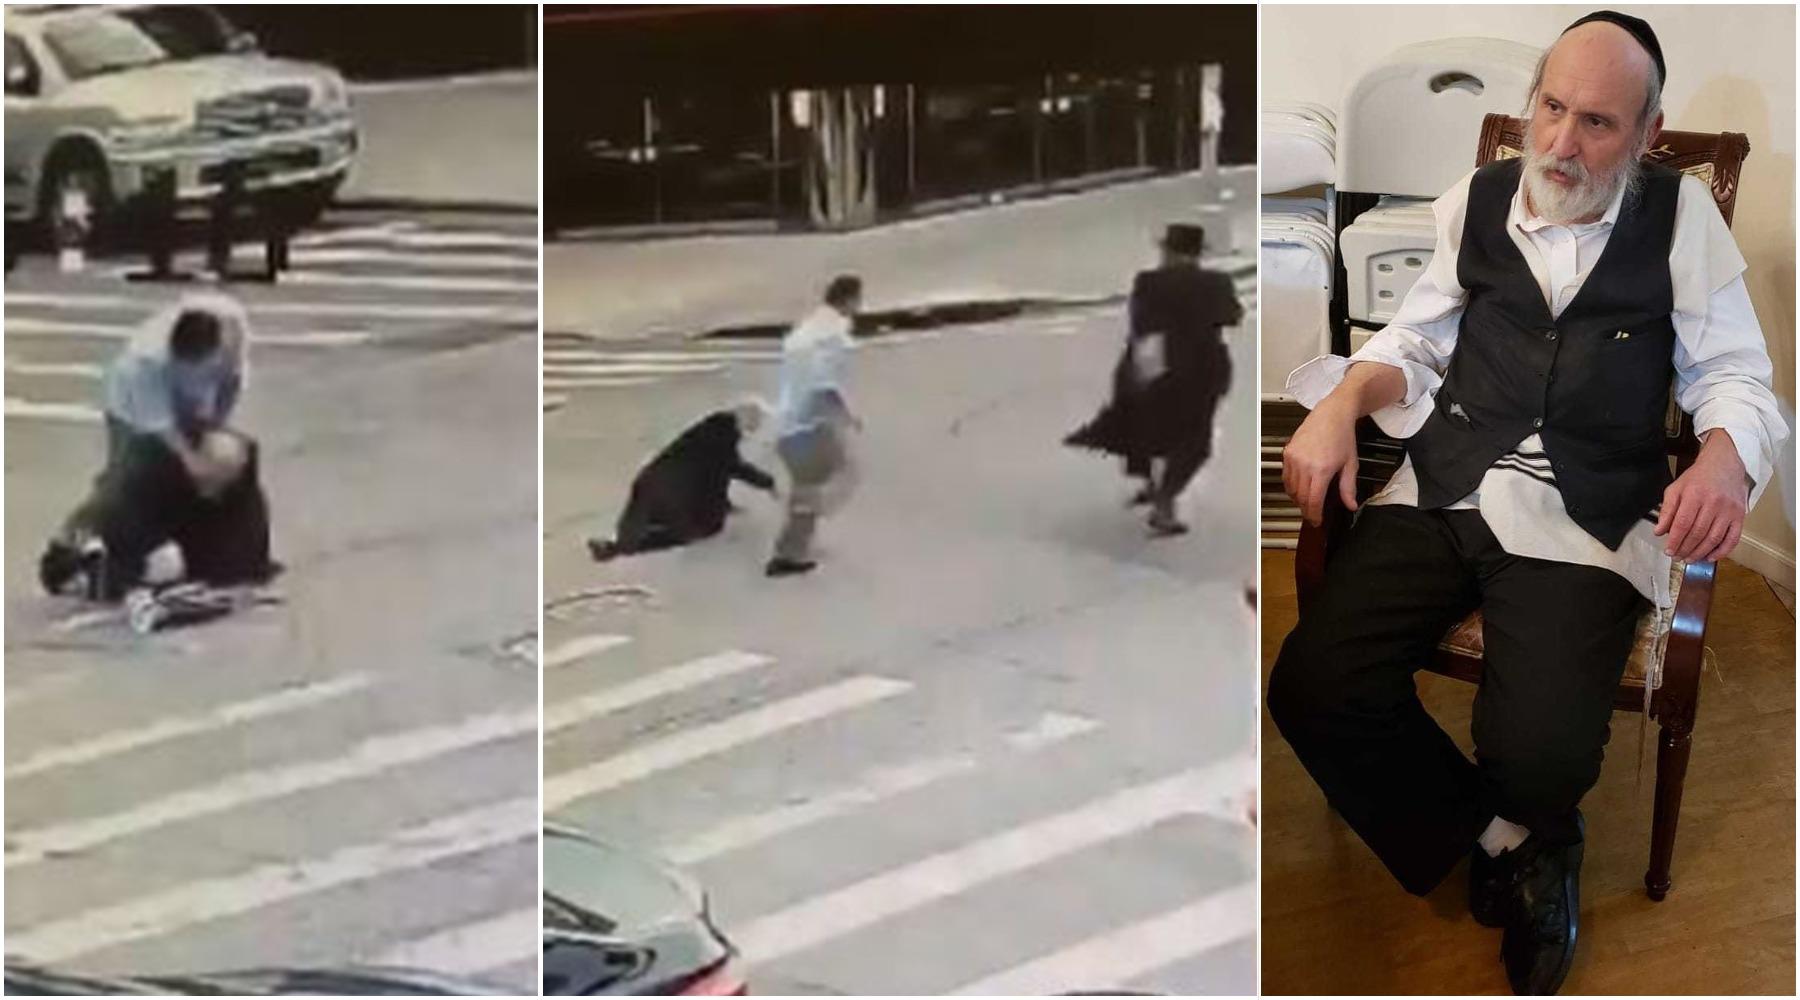 crimen de odio agresión nueva york judío ortodoxo